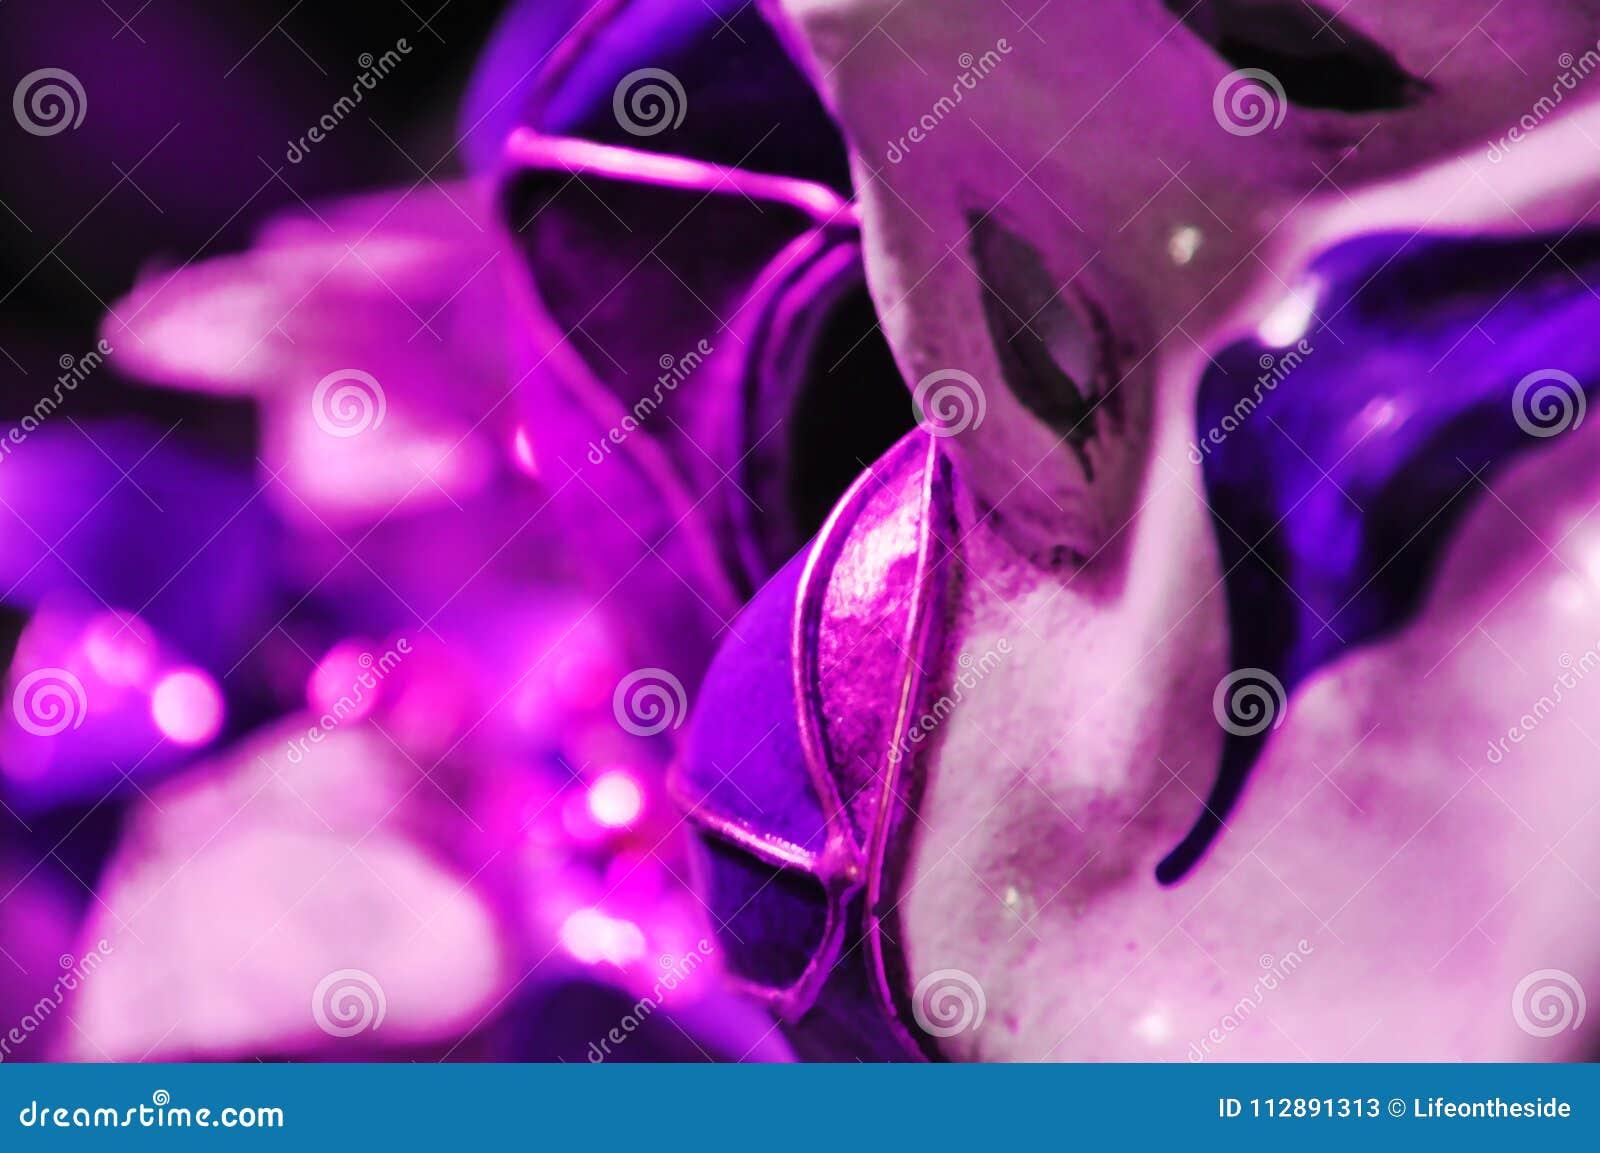 Maschera veneziana ultravioletta di travestimento del fondo astratto, concetto di immagine di auto